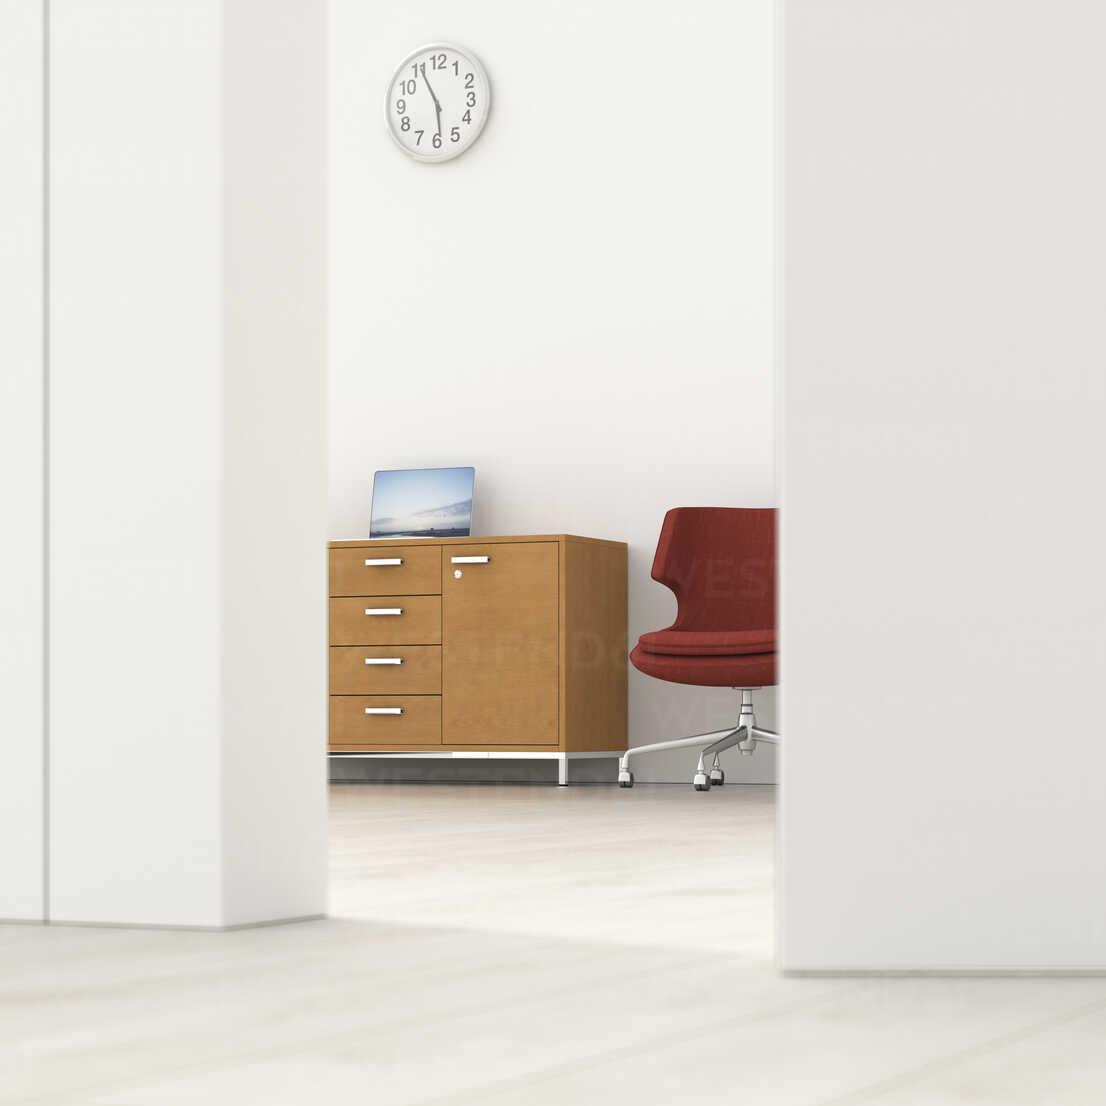 Office behind ajar door, 3d rendering - UWF01374 - HuberStarke/Westend61